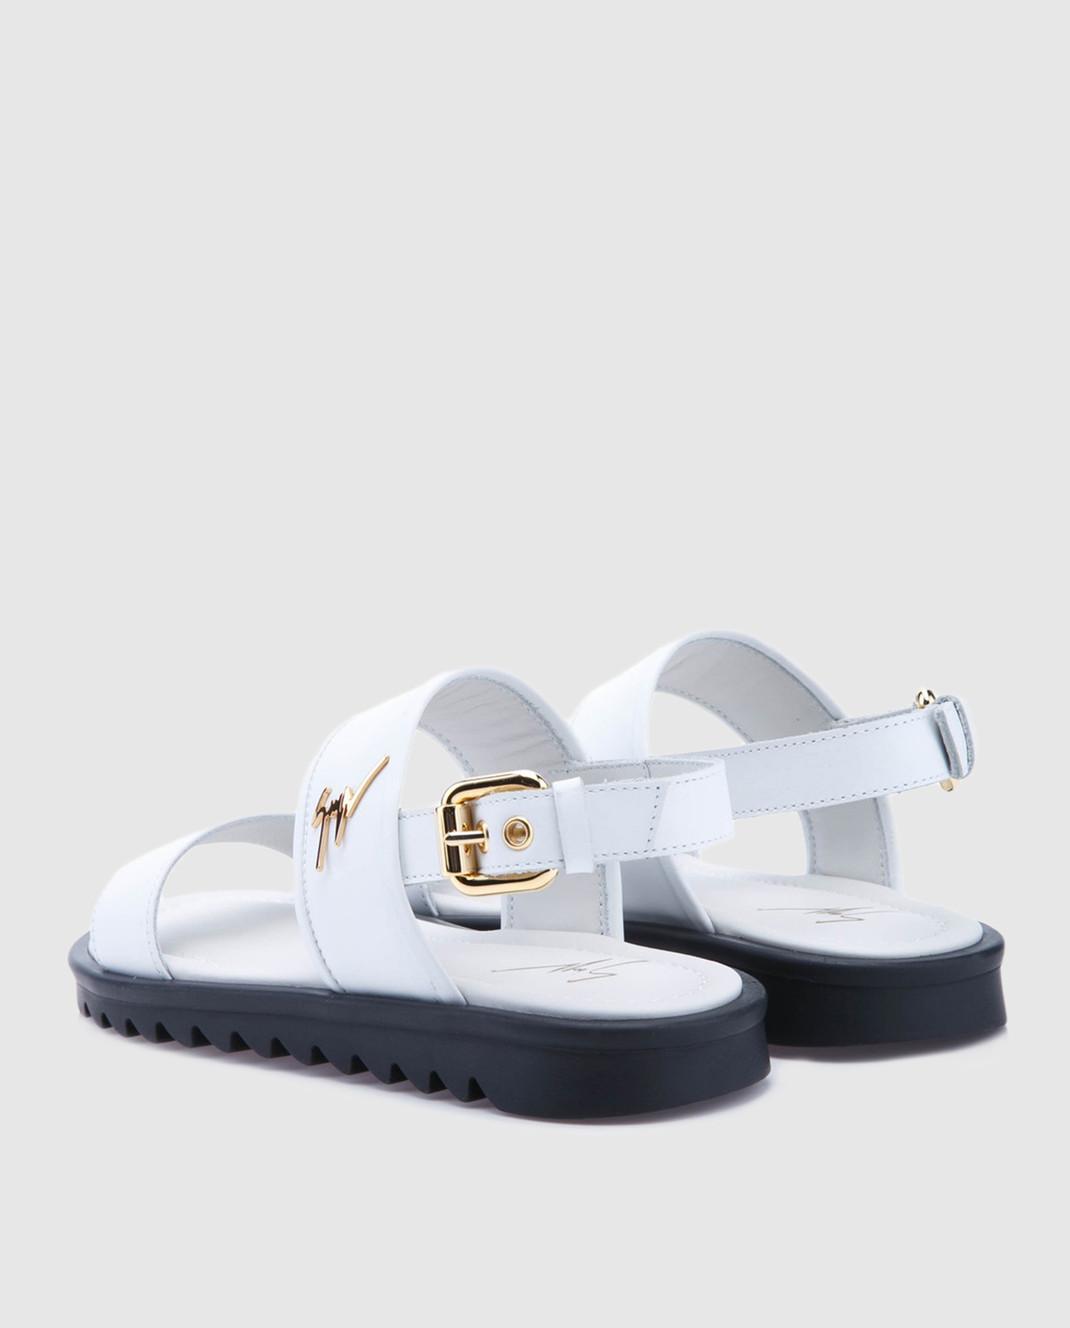 Giuseppe Zanotti Белые кожаные сандалии  SBE8409002 изображение 3